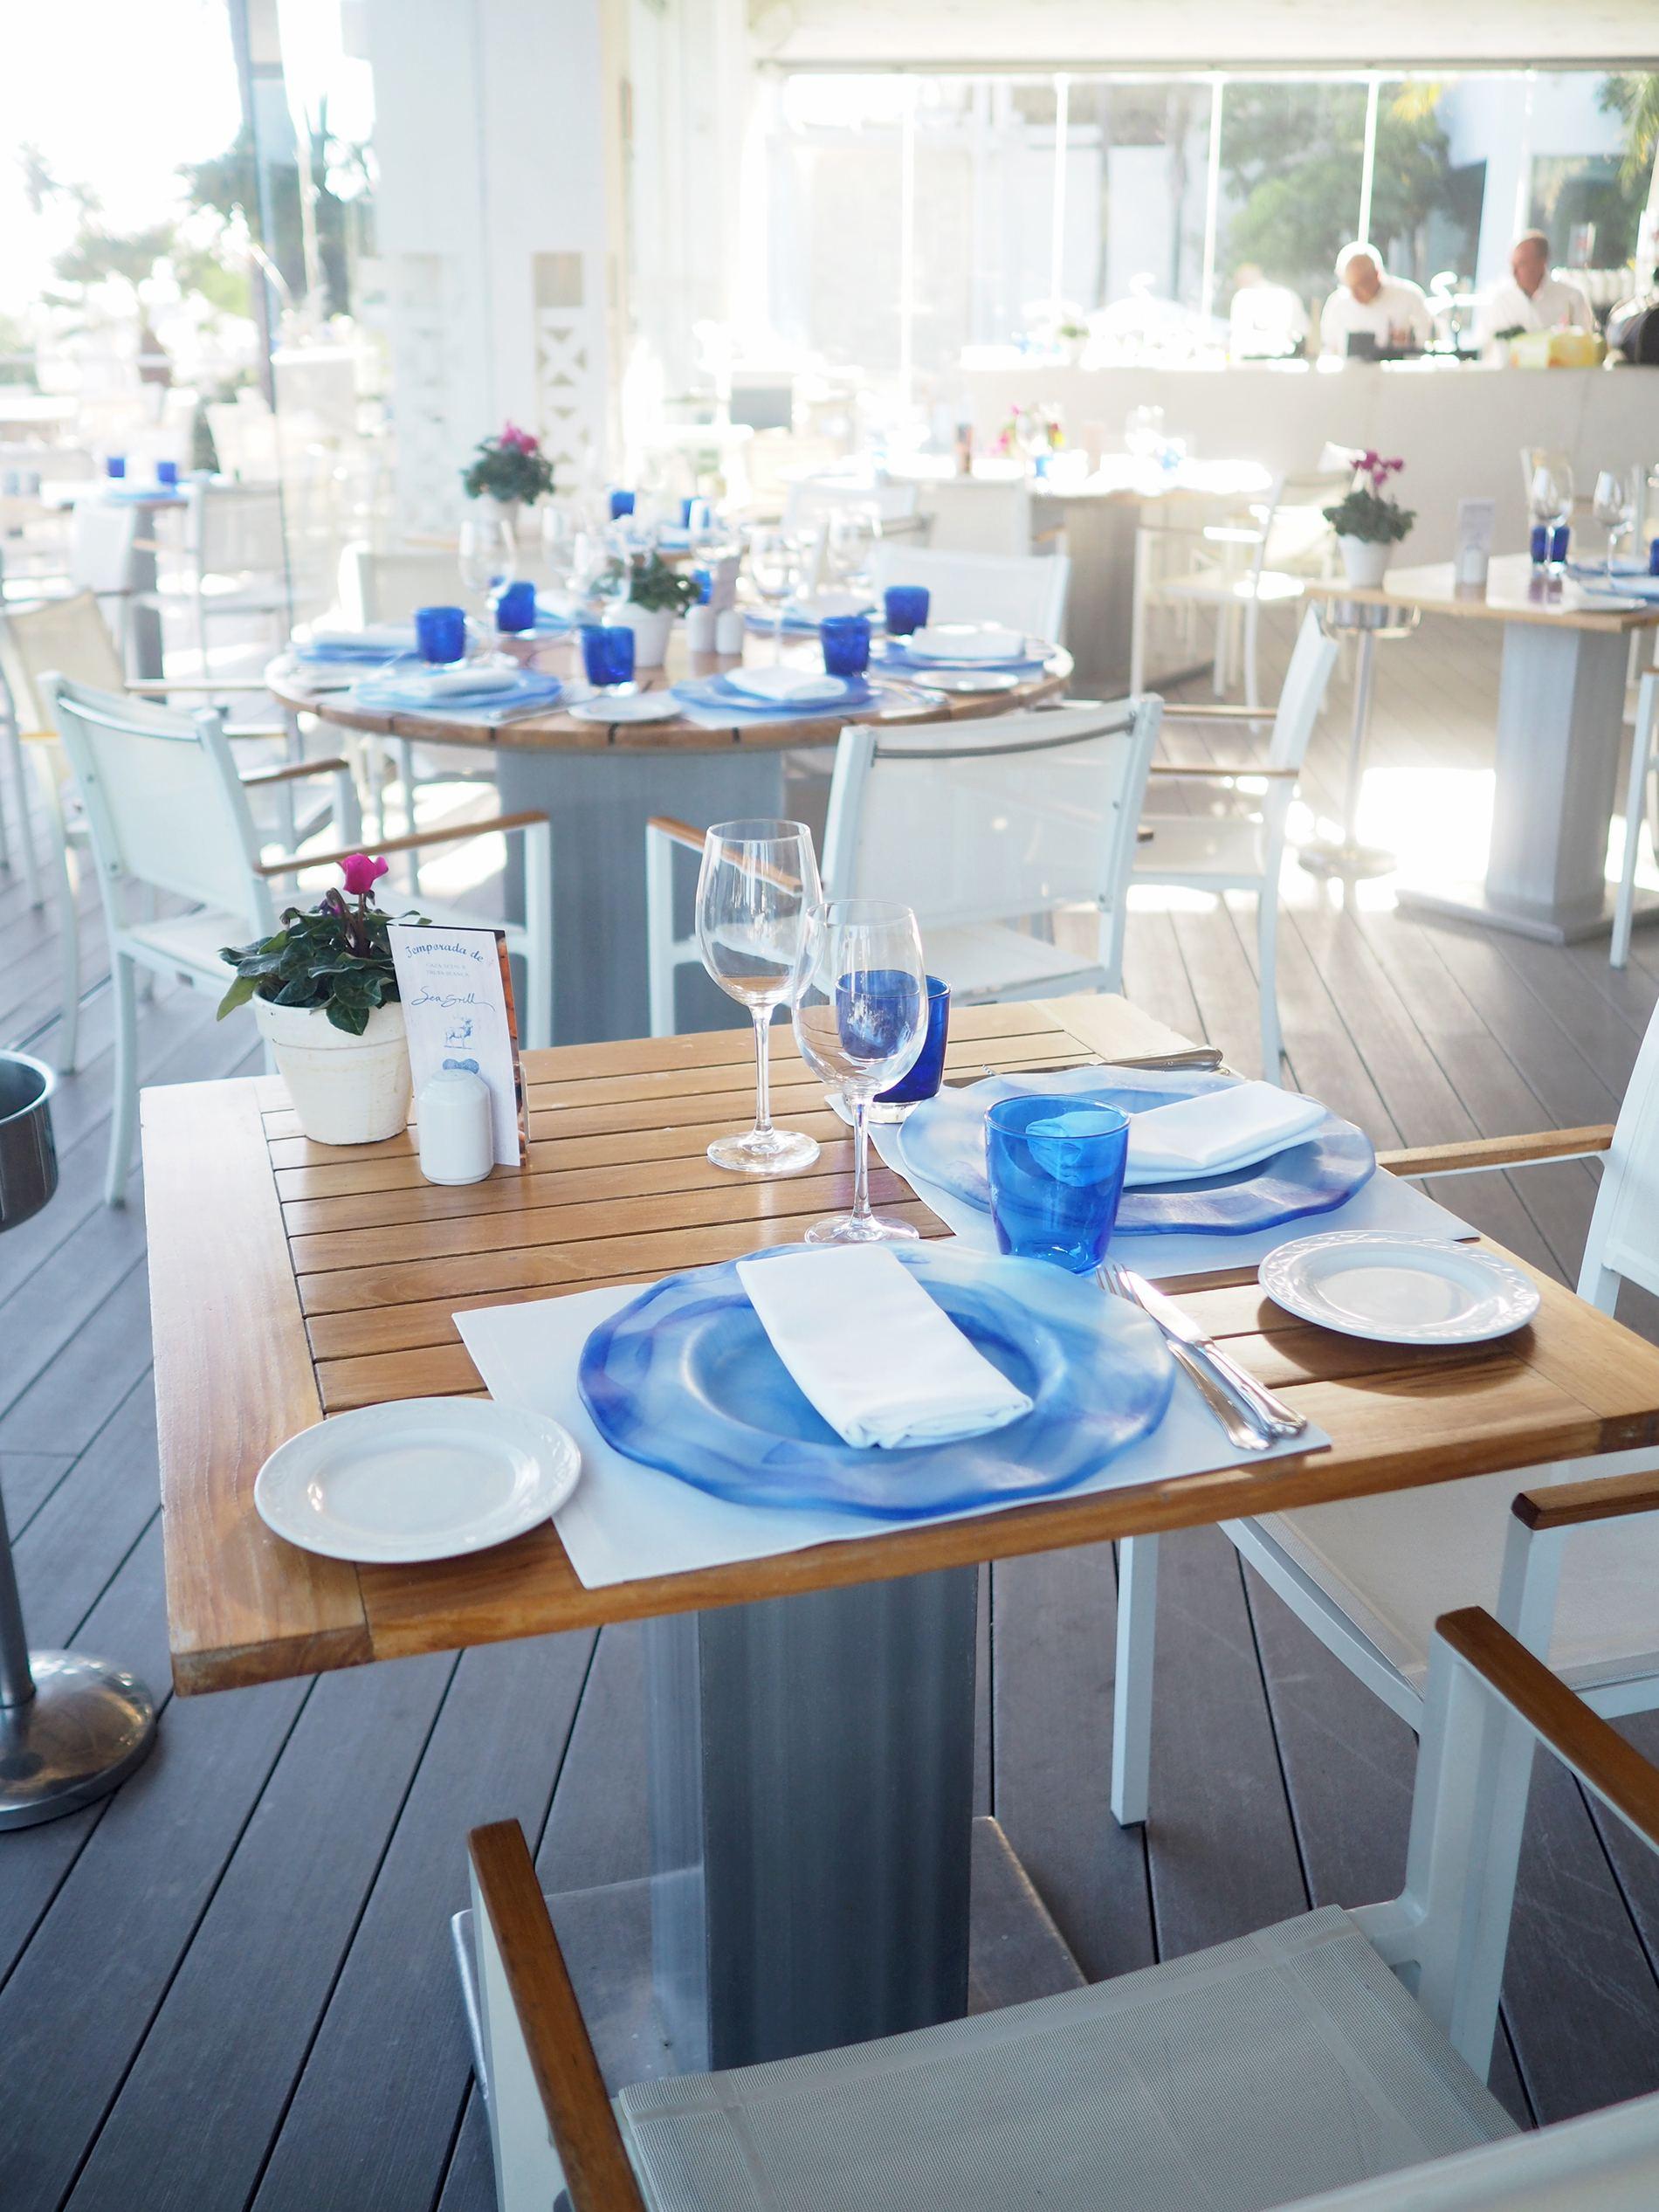 puente romano resort marbella sea grill restaurant